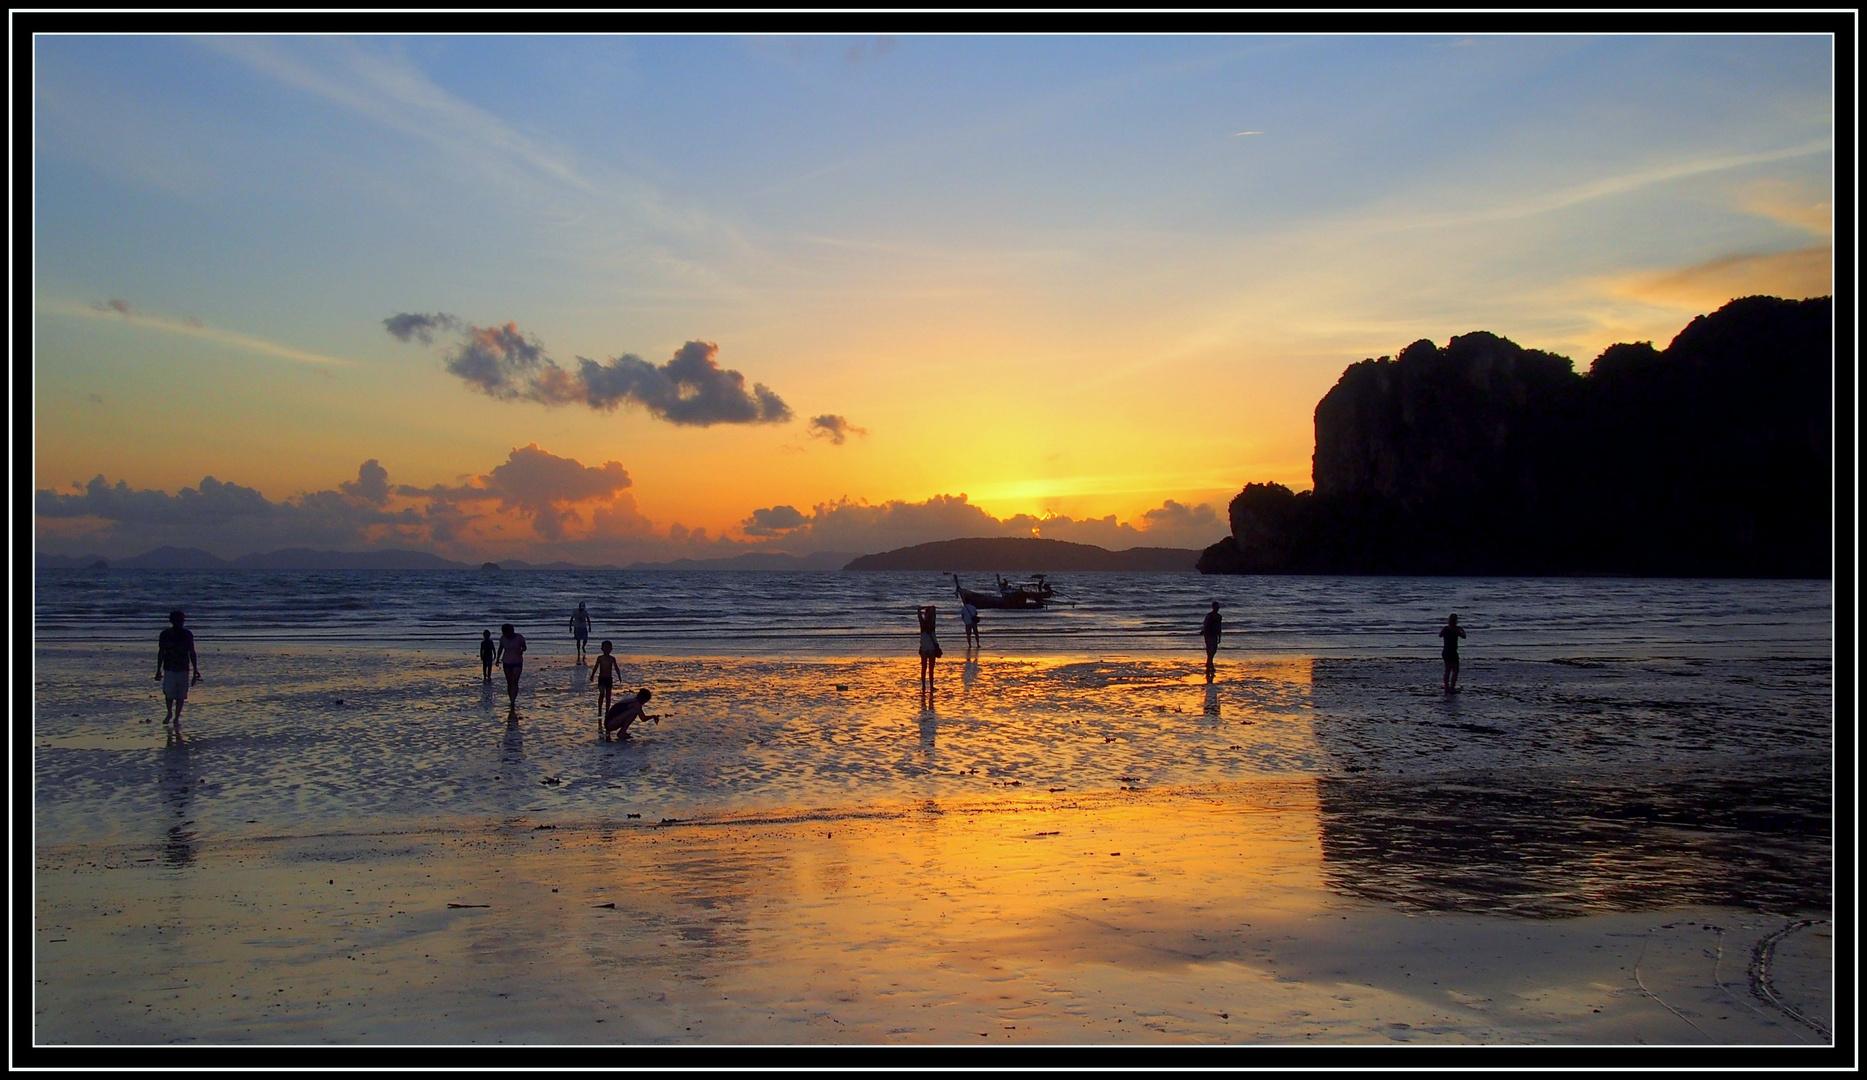 Sonnenuntergang in Krabi/Thailand